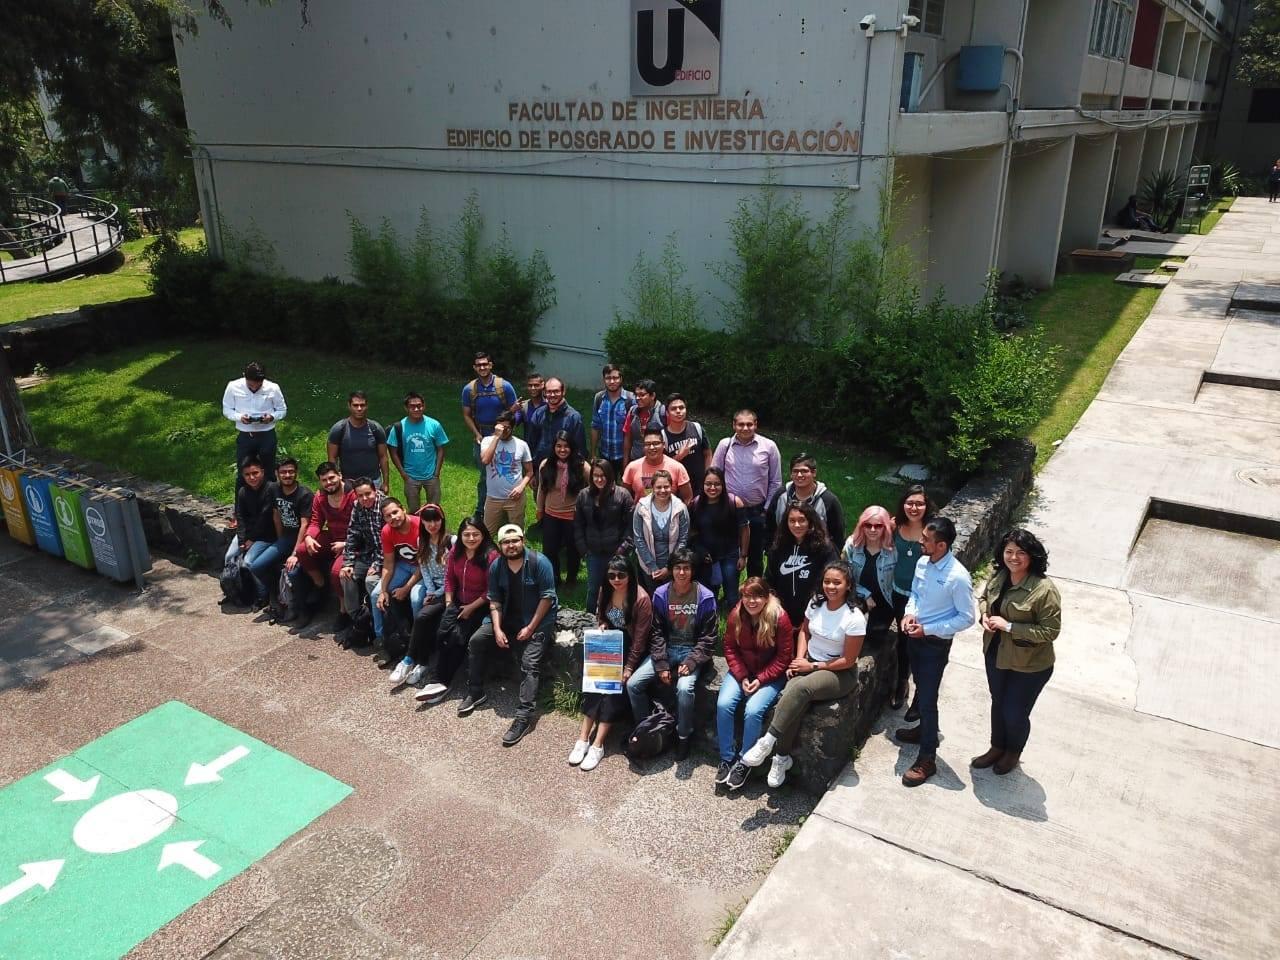 Conferencia FI - UNAM